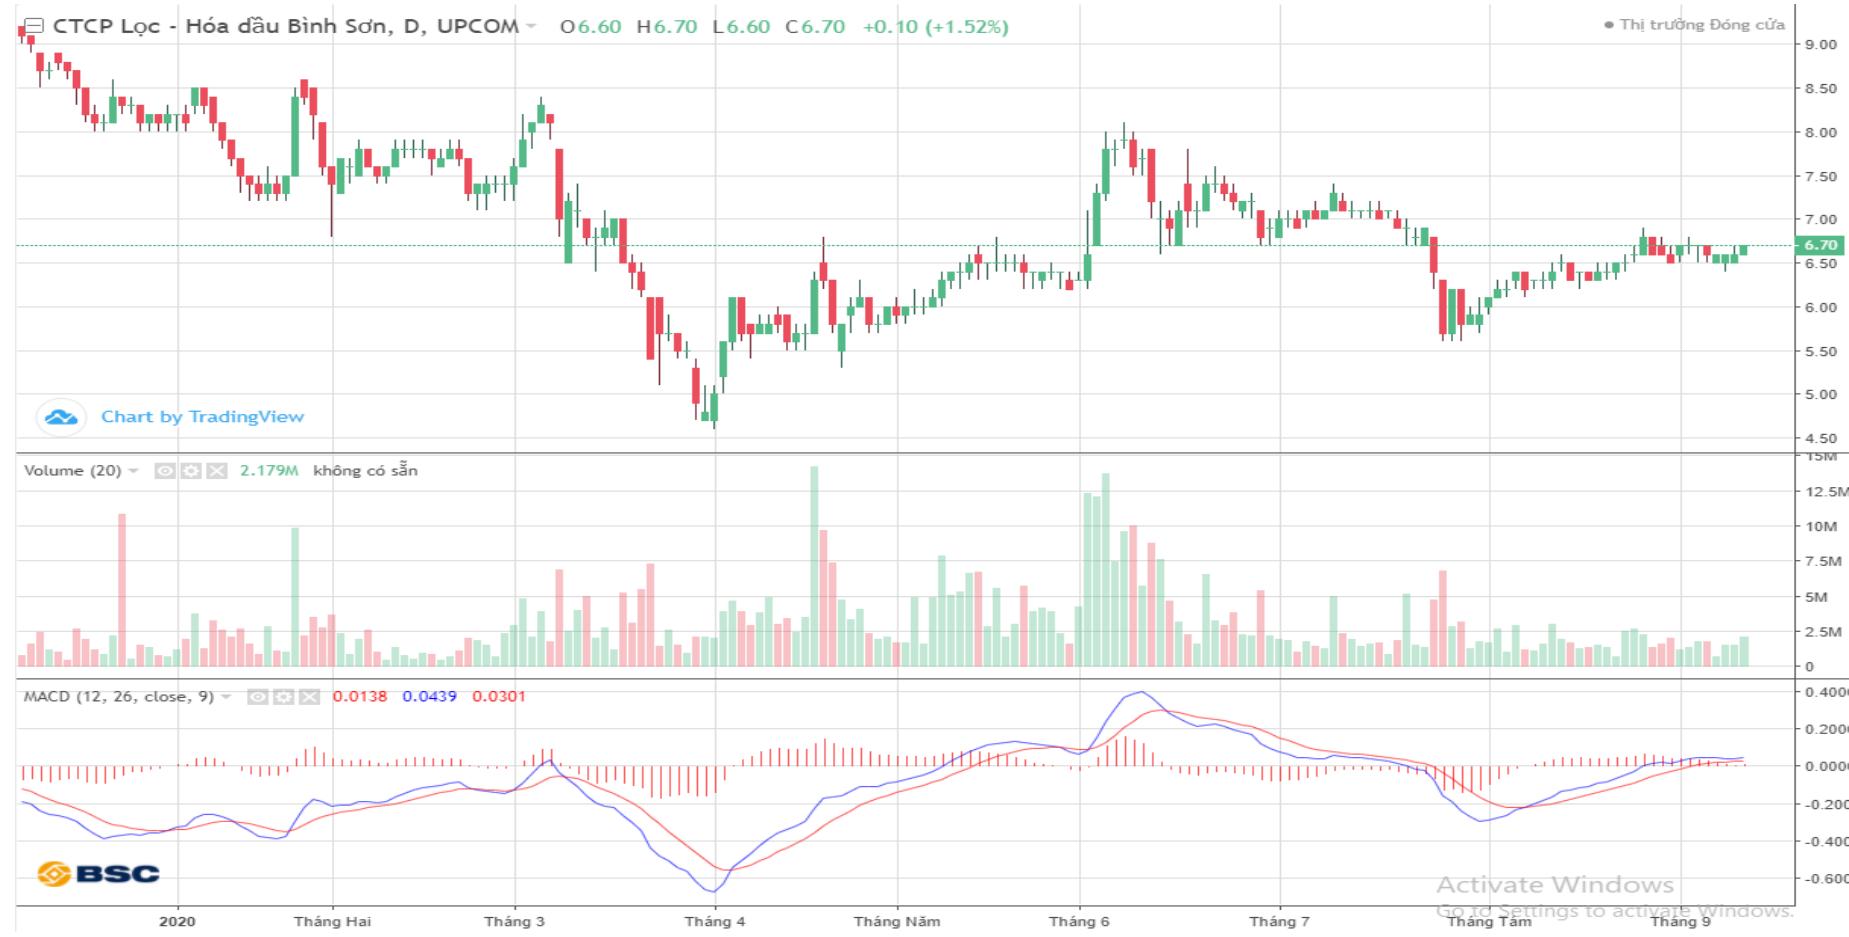 Cổ phiếu tâm điểm ngày 14/9: SHB, HDG, ACV, BSR - Ảnh 4.